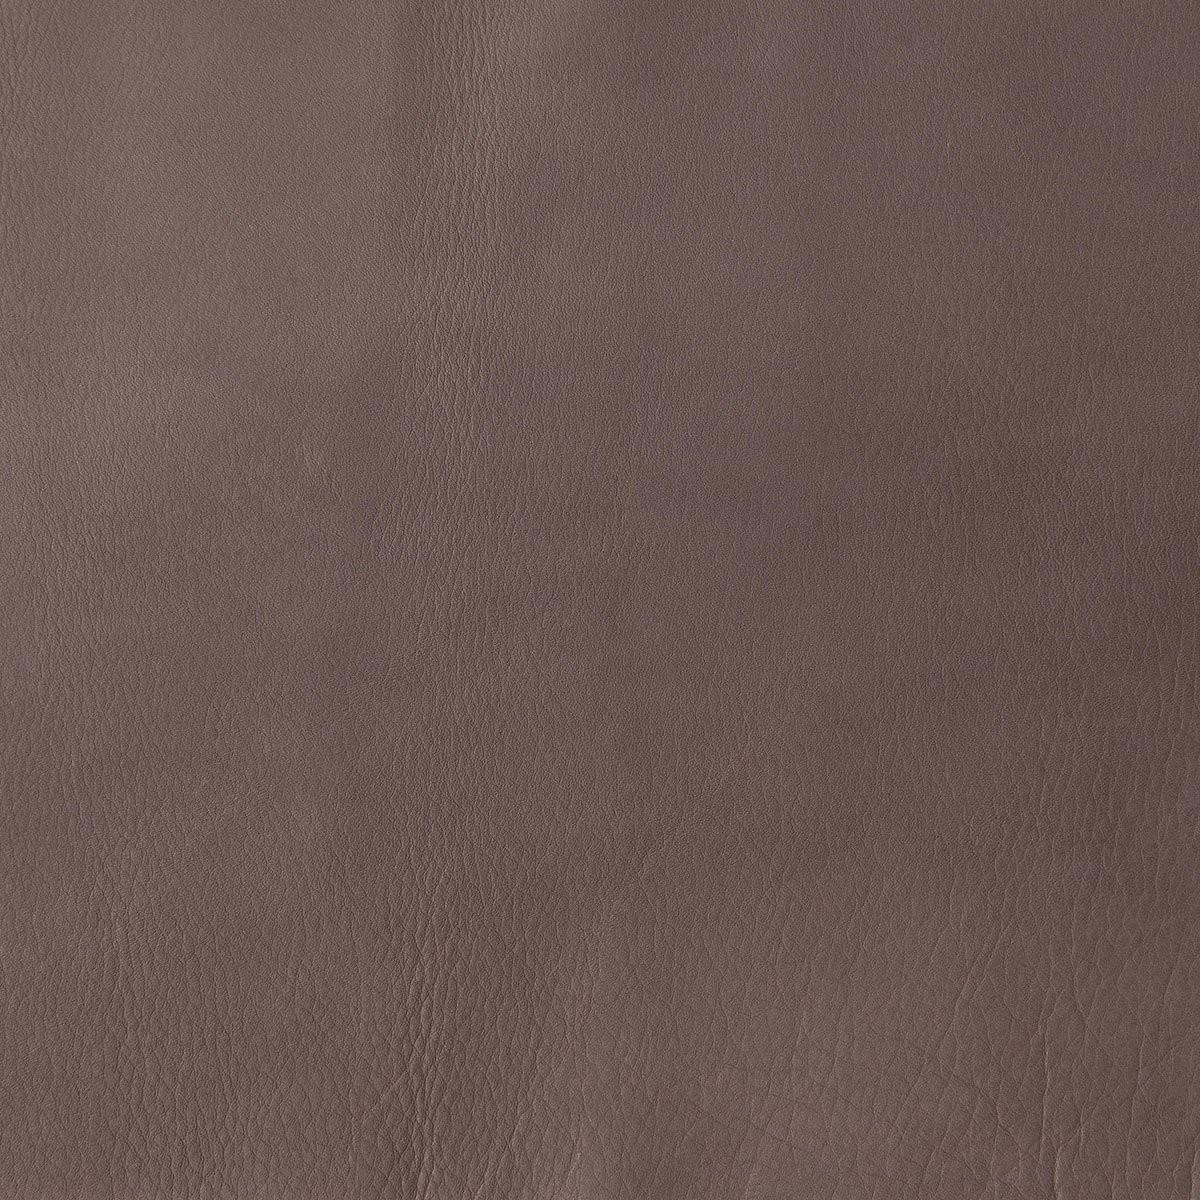 NATURALE 15 13Z306 Fango